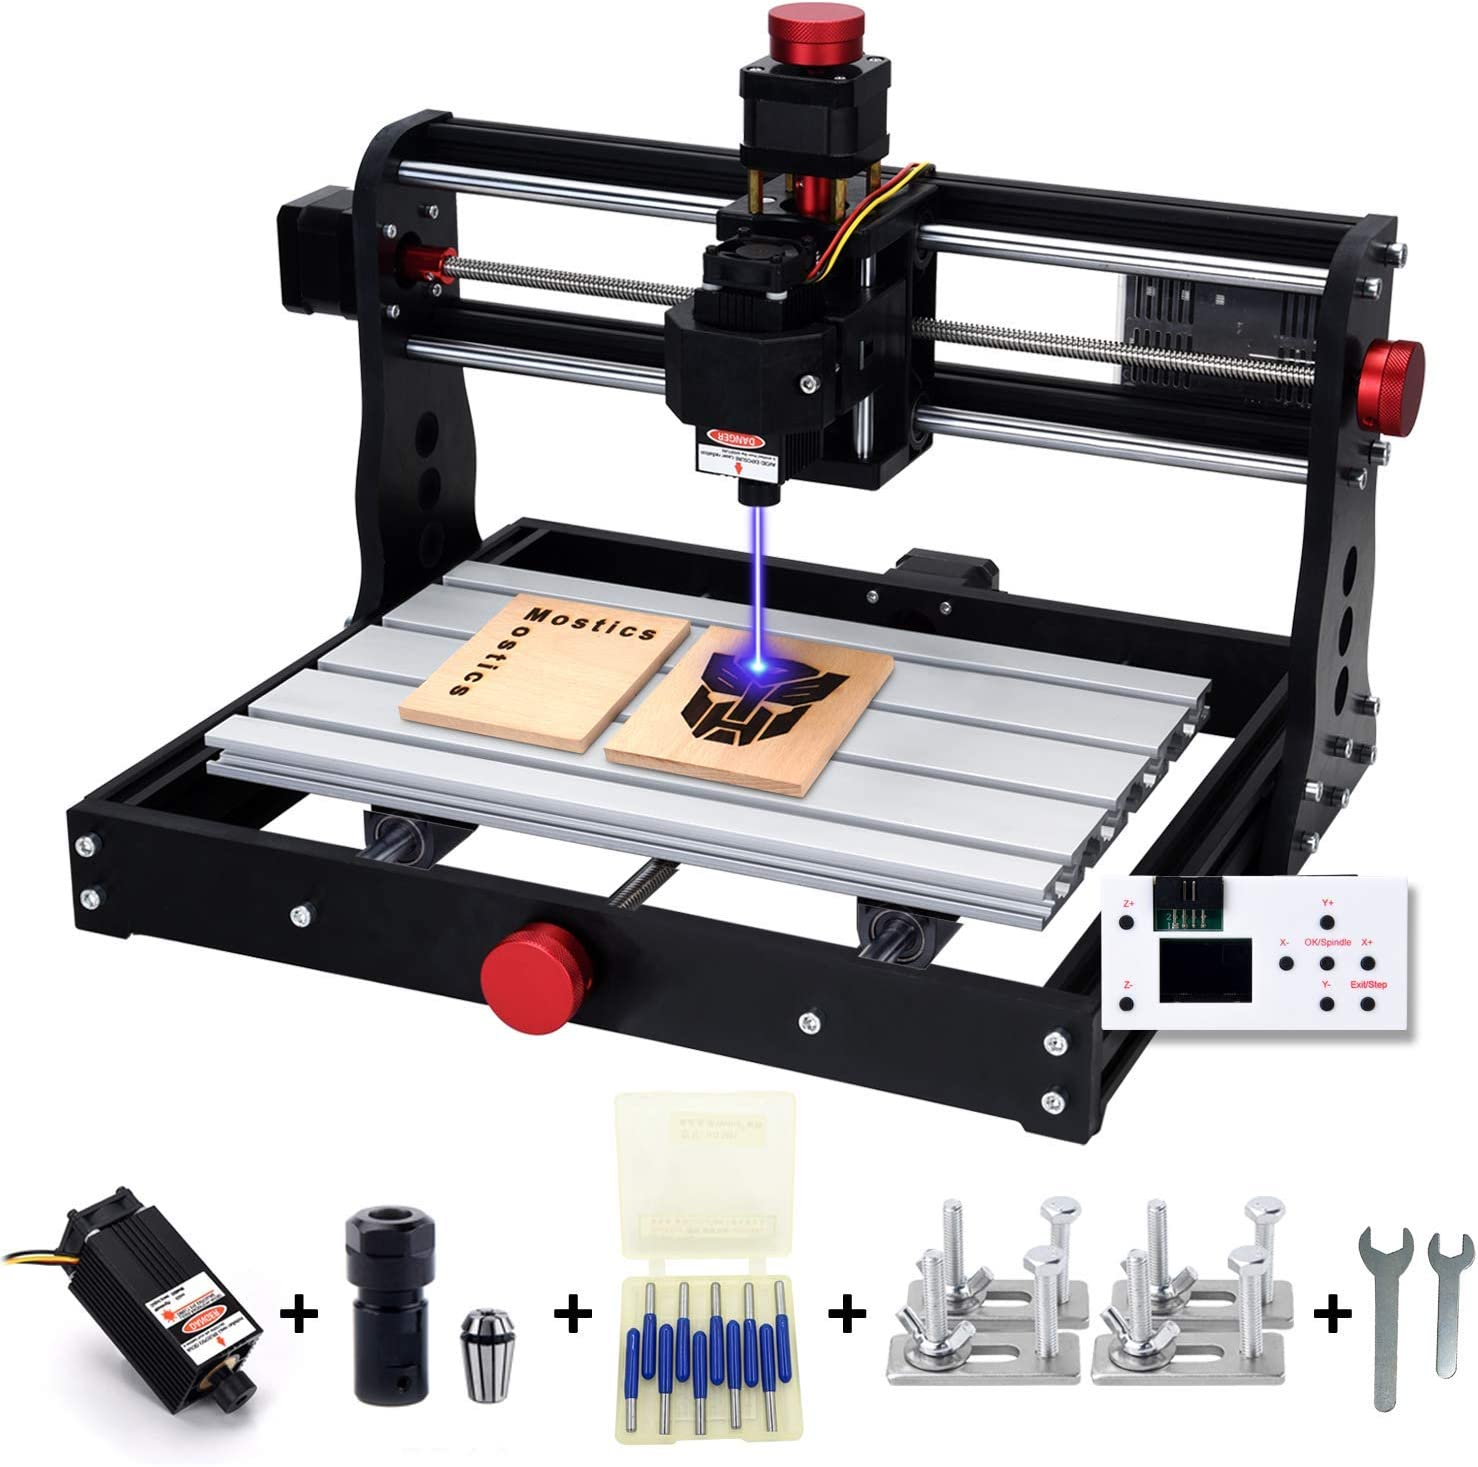 Mostics 2 en 1 CNC 3018 Pro con módulo de potencia de 5,5W-445nm, Máquina de grabado CNC con volante, Fresadora, Máquina de grabado CNC, 3 ejes para mecanizado de acrílico, PVC, madera,aluminio blando